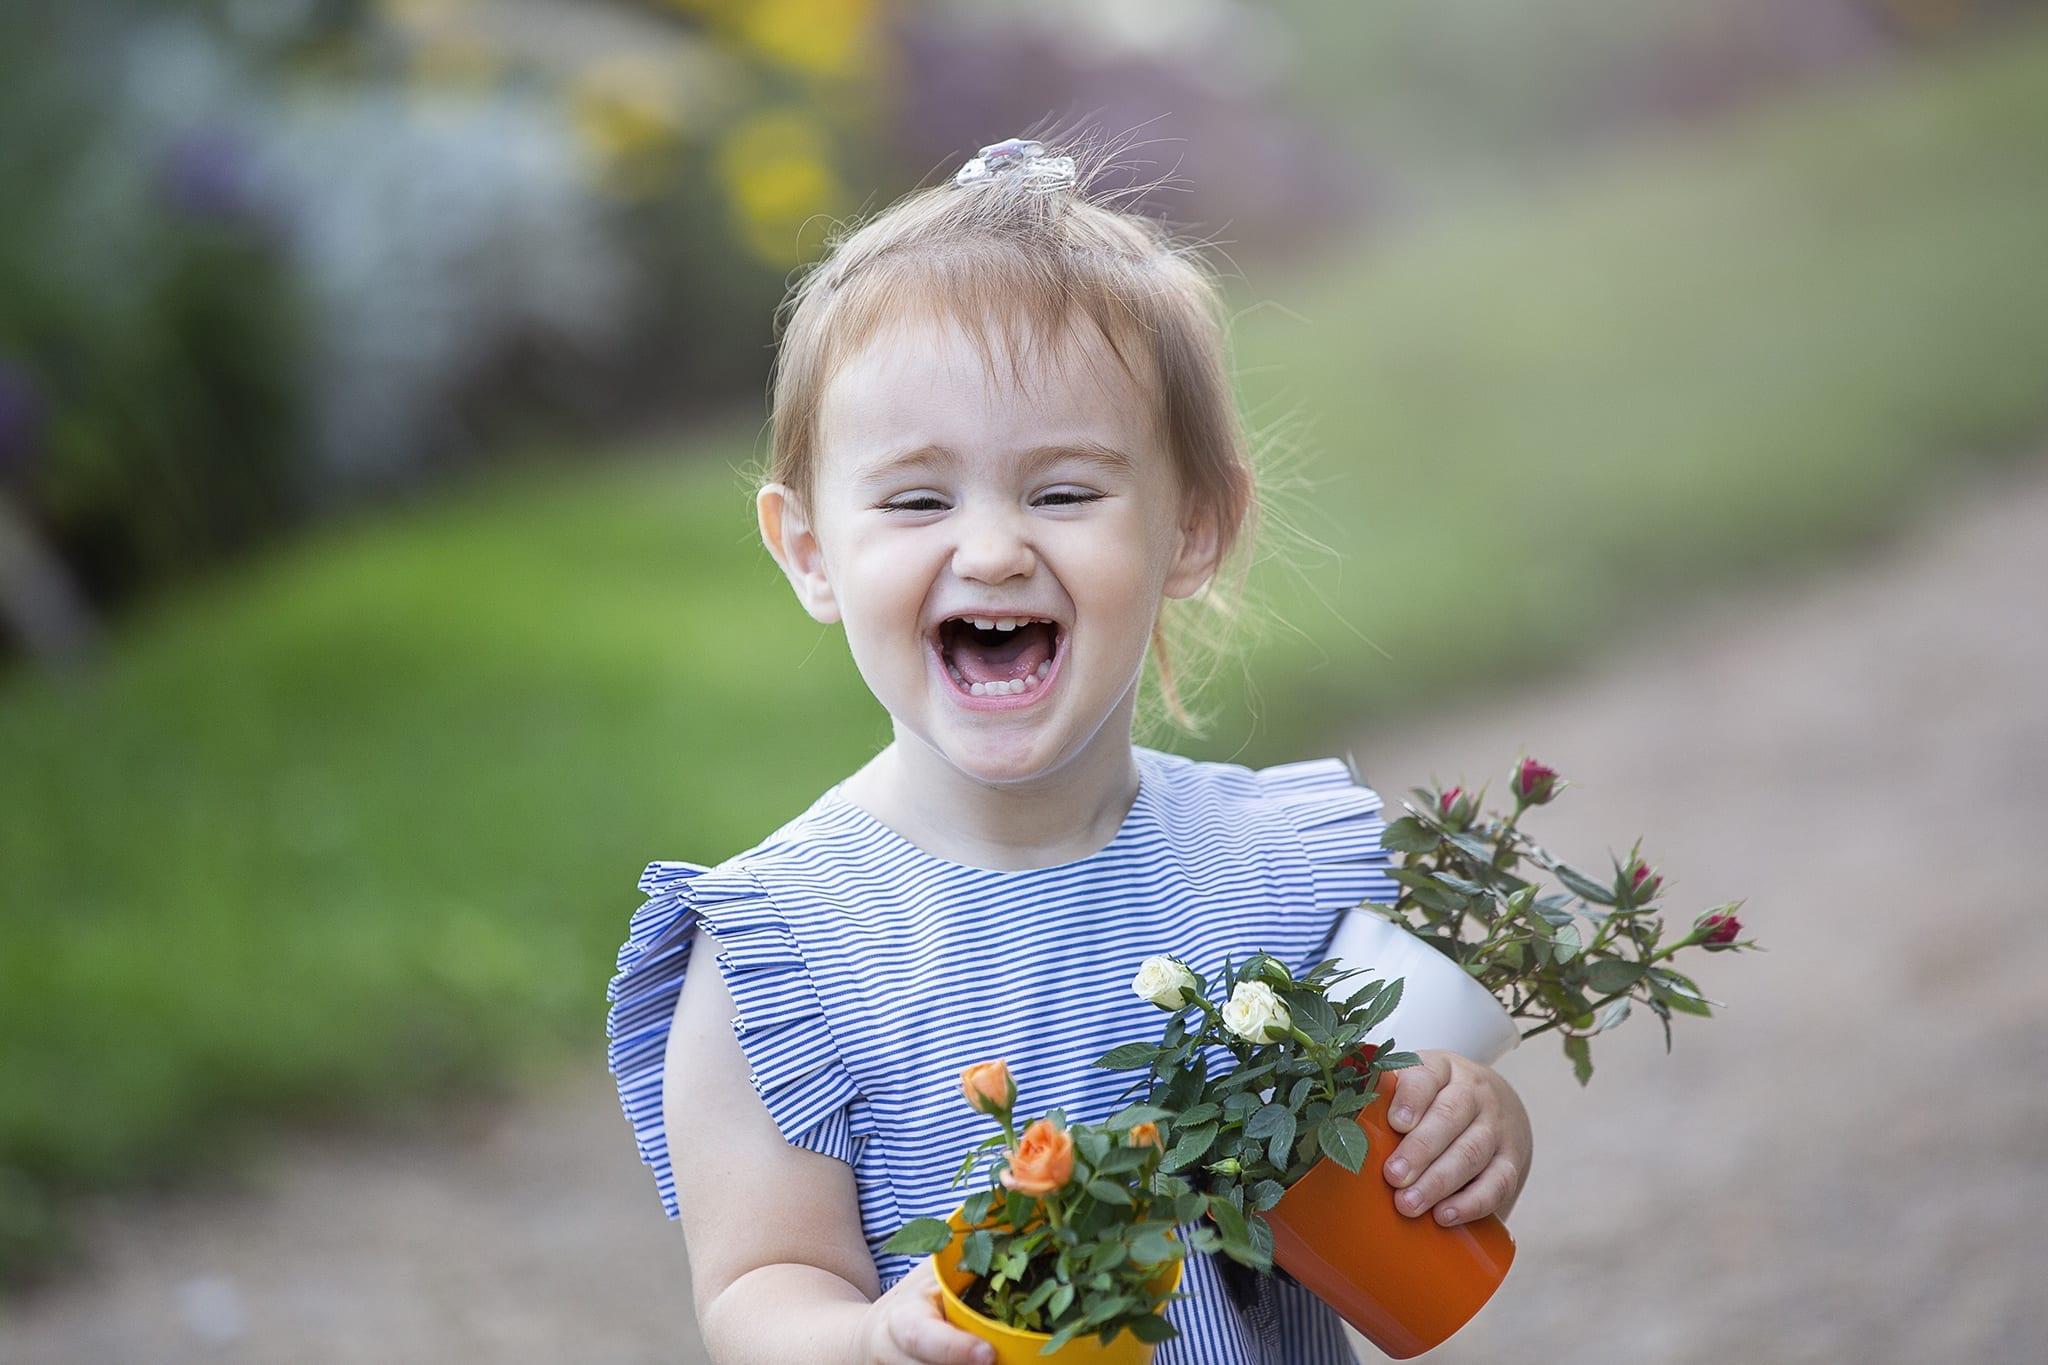 Emily virágos vidám gyermekfotózása